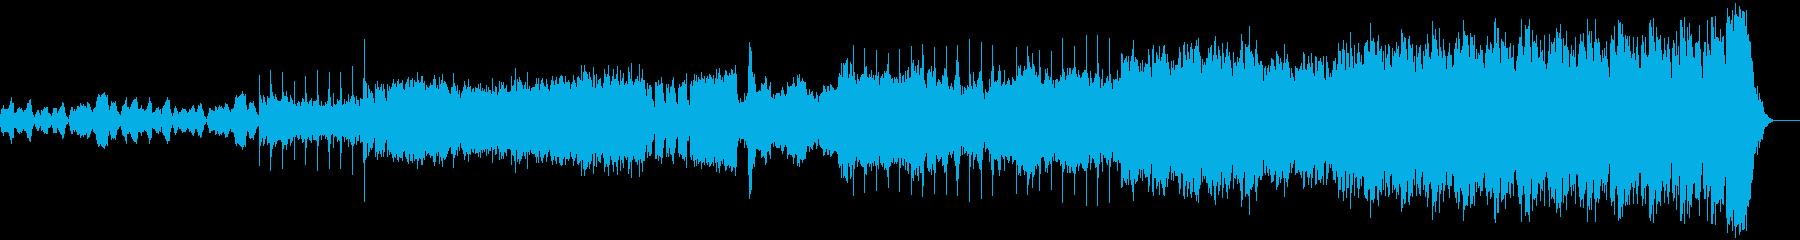 ドラマチックな映画/オーケストラア...の再生済みの波形